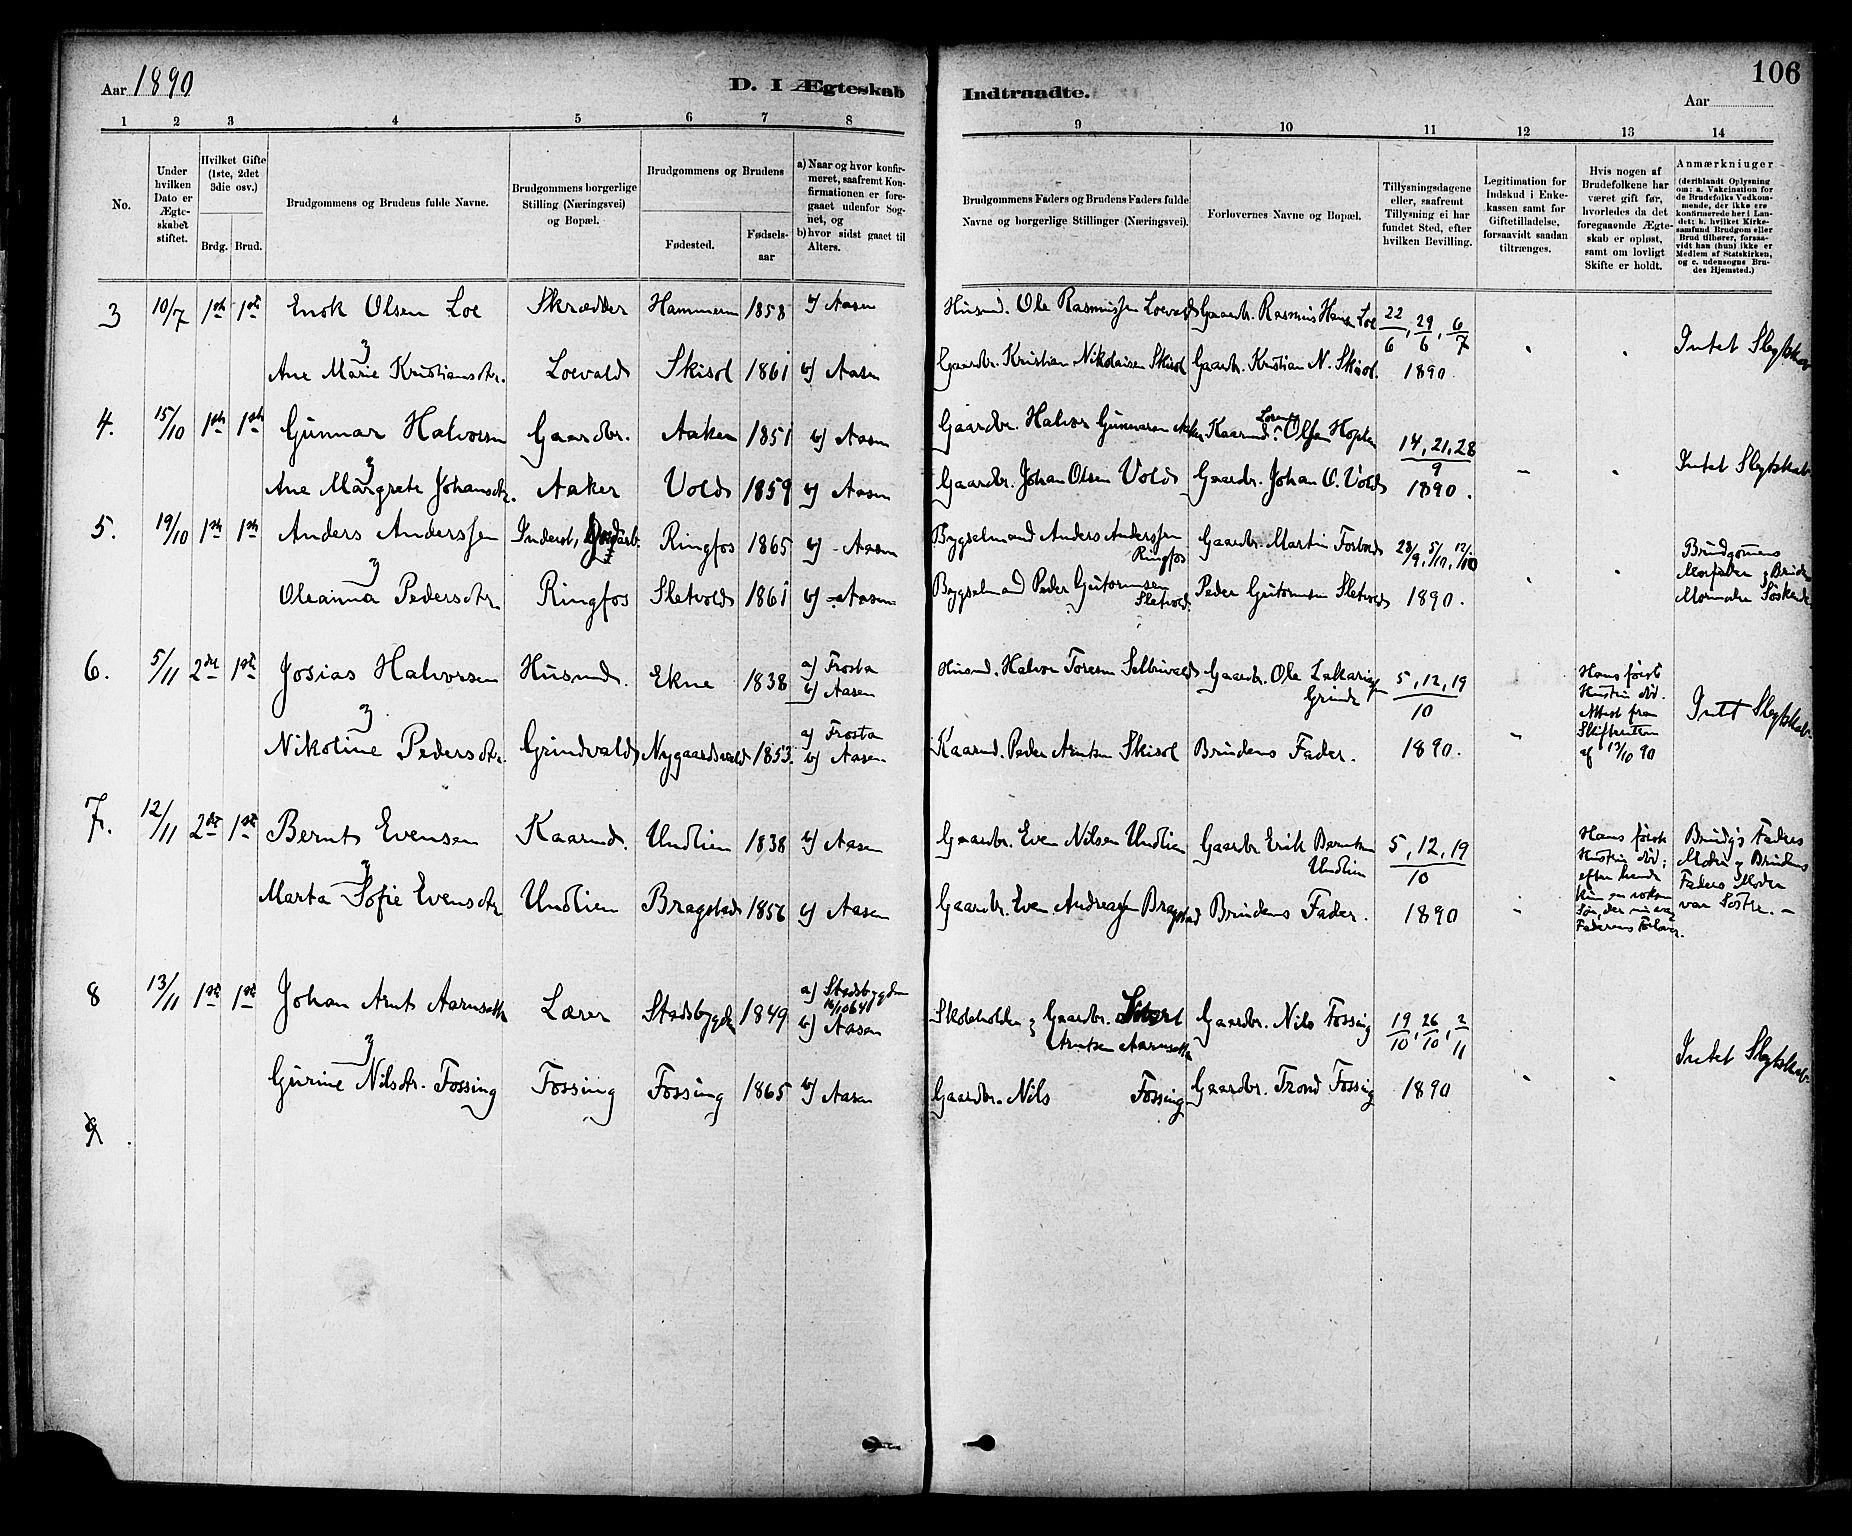 SAT, Ministerialprotokoller, klokkerbøker og fødselsregistre - Nord-Trøndelag, 714/L0130: Ministerialbok nr. 714A01, 1878-1895, s. 106